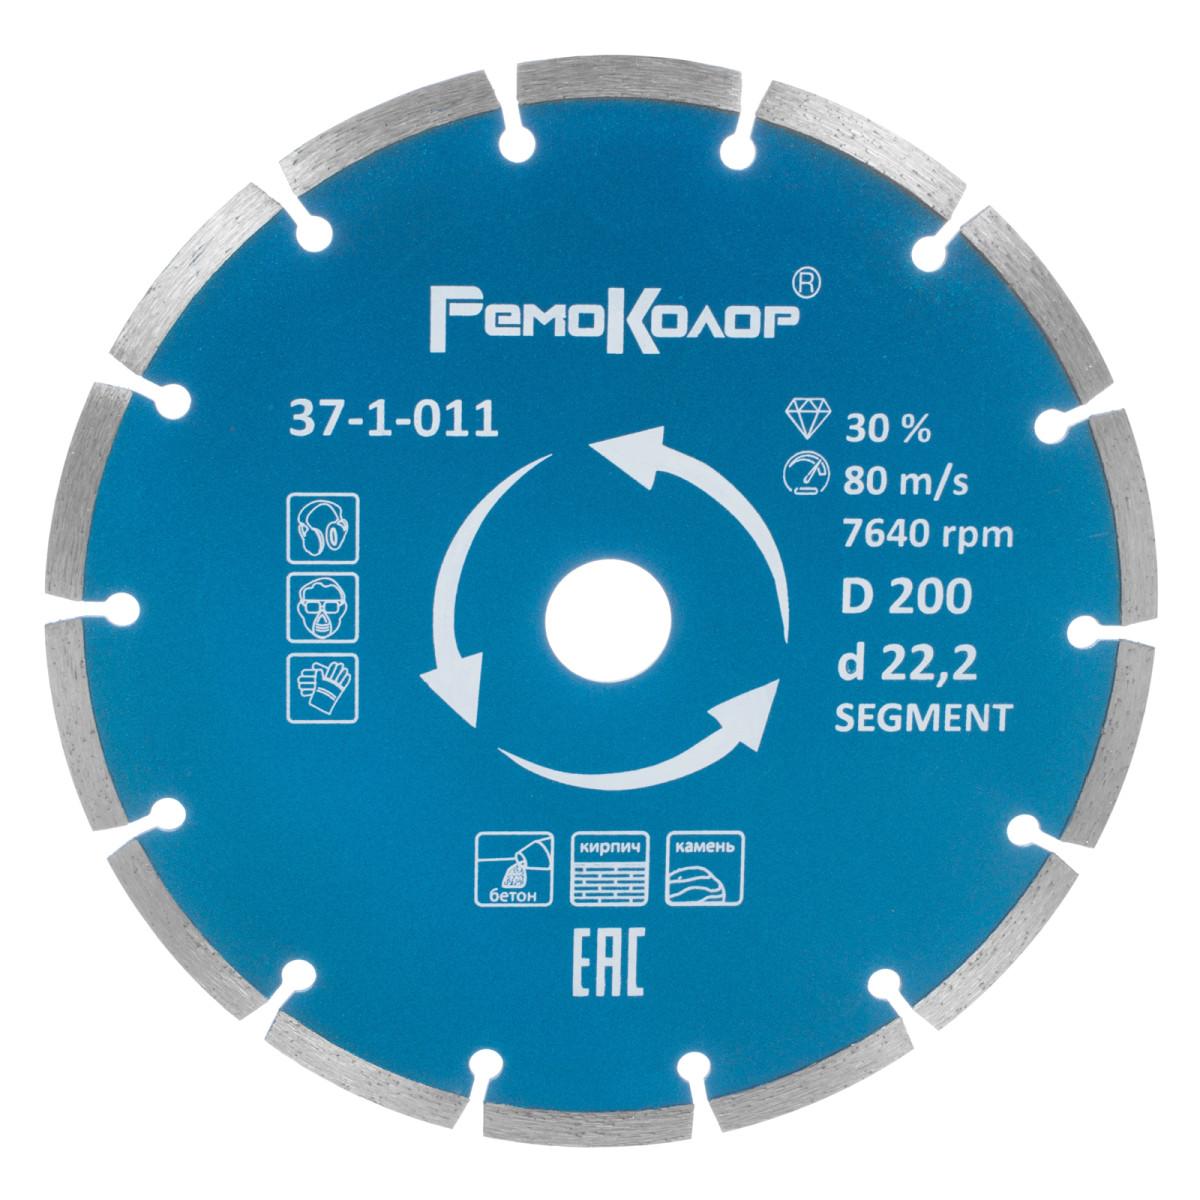 Диск Алмазный Ремоколор 200Х222 37-1-011